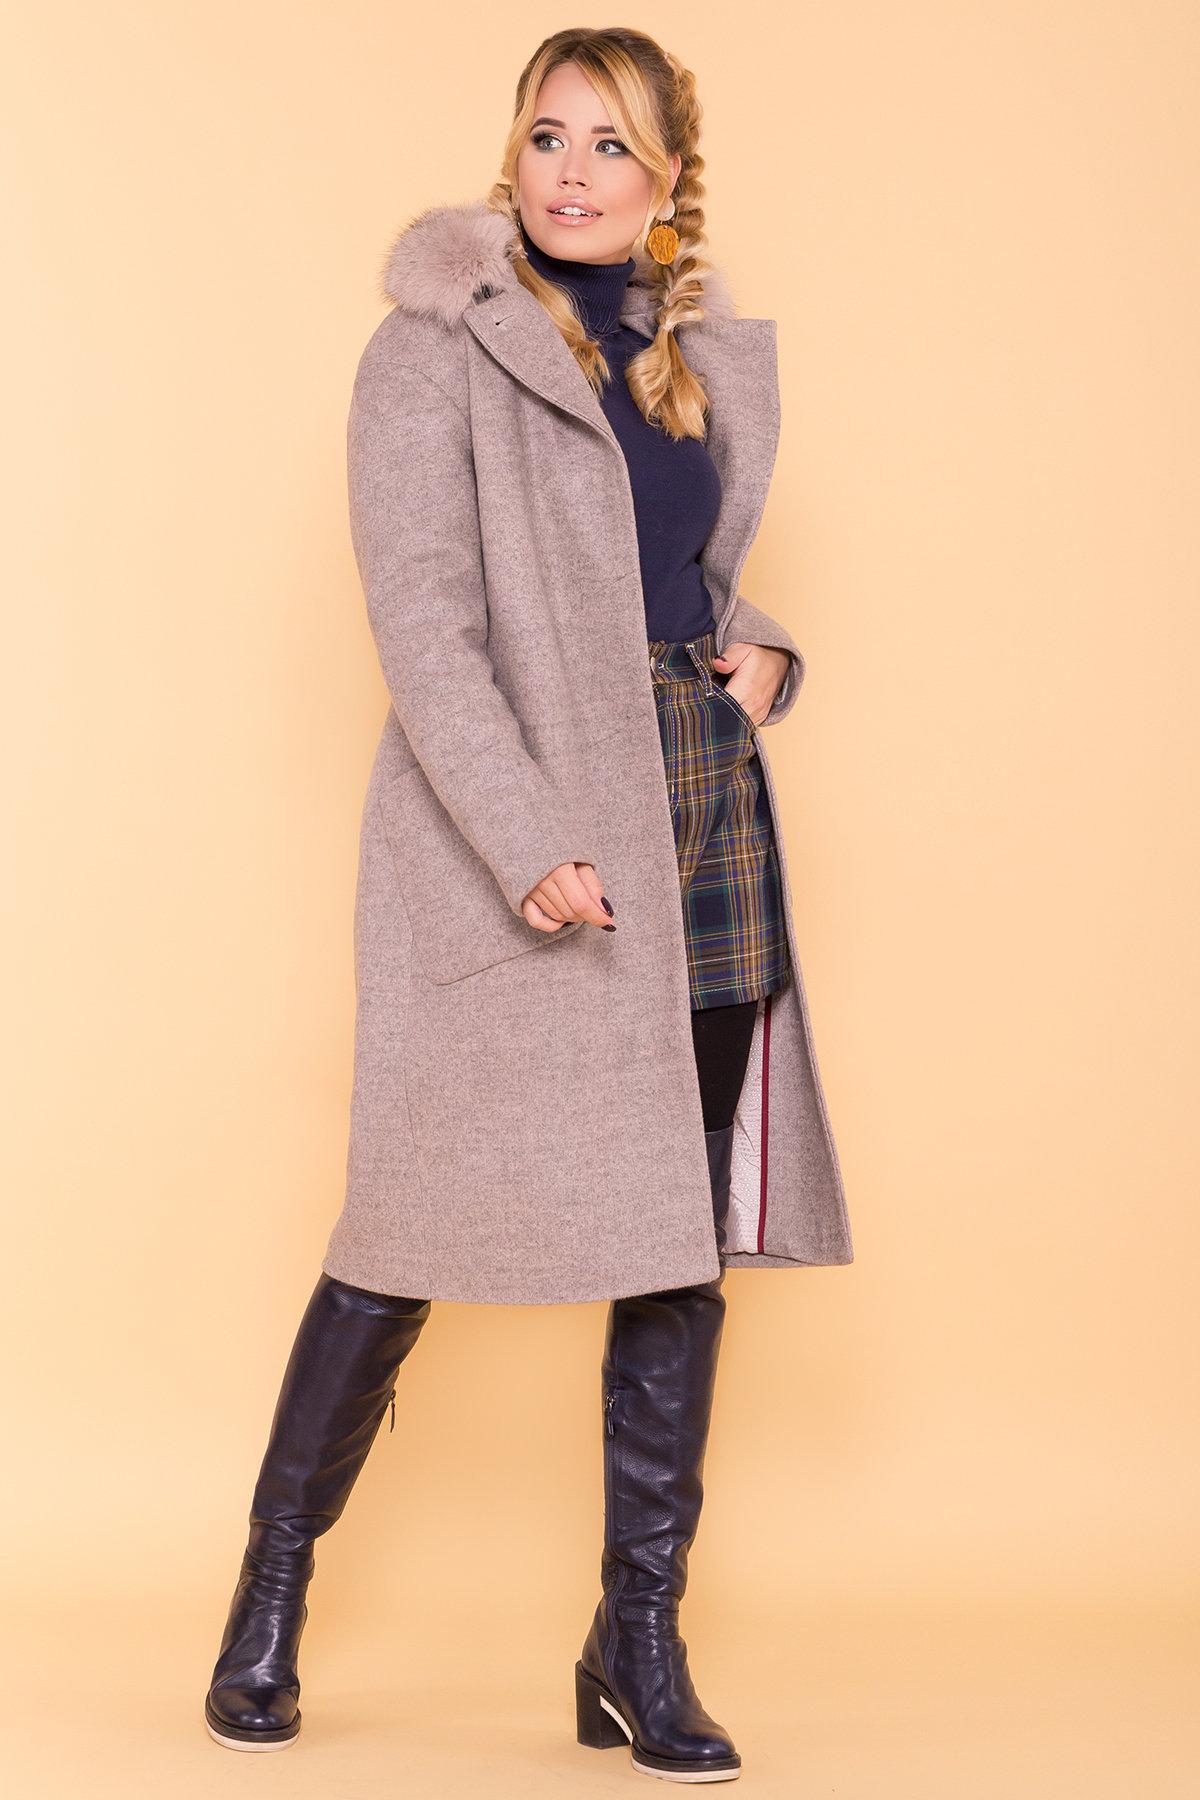 Зимнее пальто с натуральным песцом Анатес лайт 5570 АРТ. 38161 Цвет: Бежевый 31 - фото 3, интернет магазин tm-modus.ru